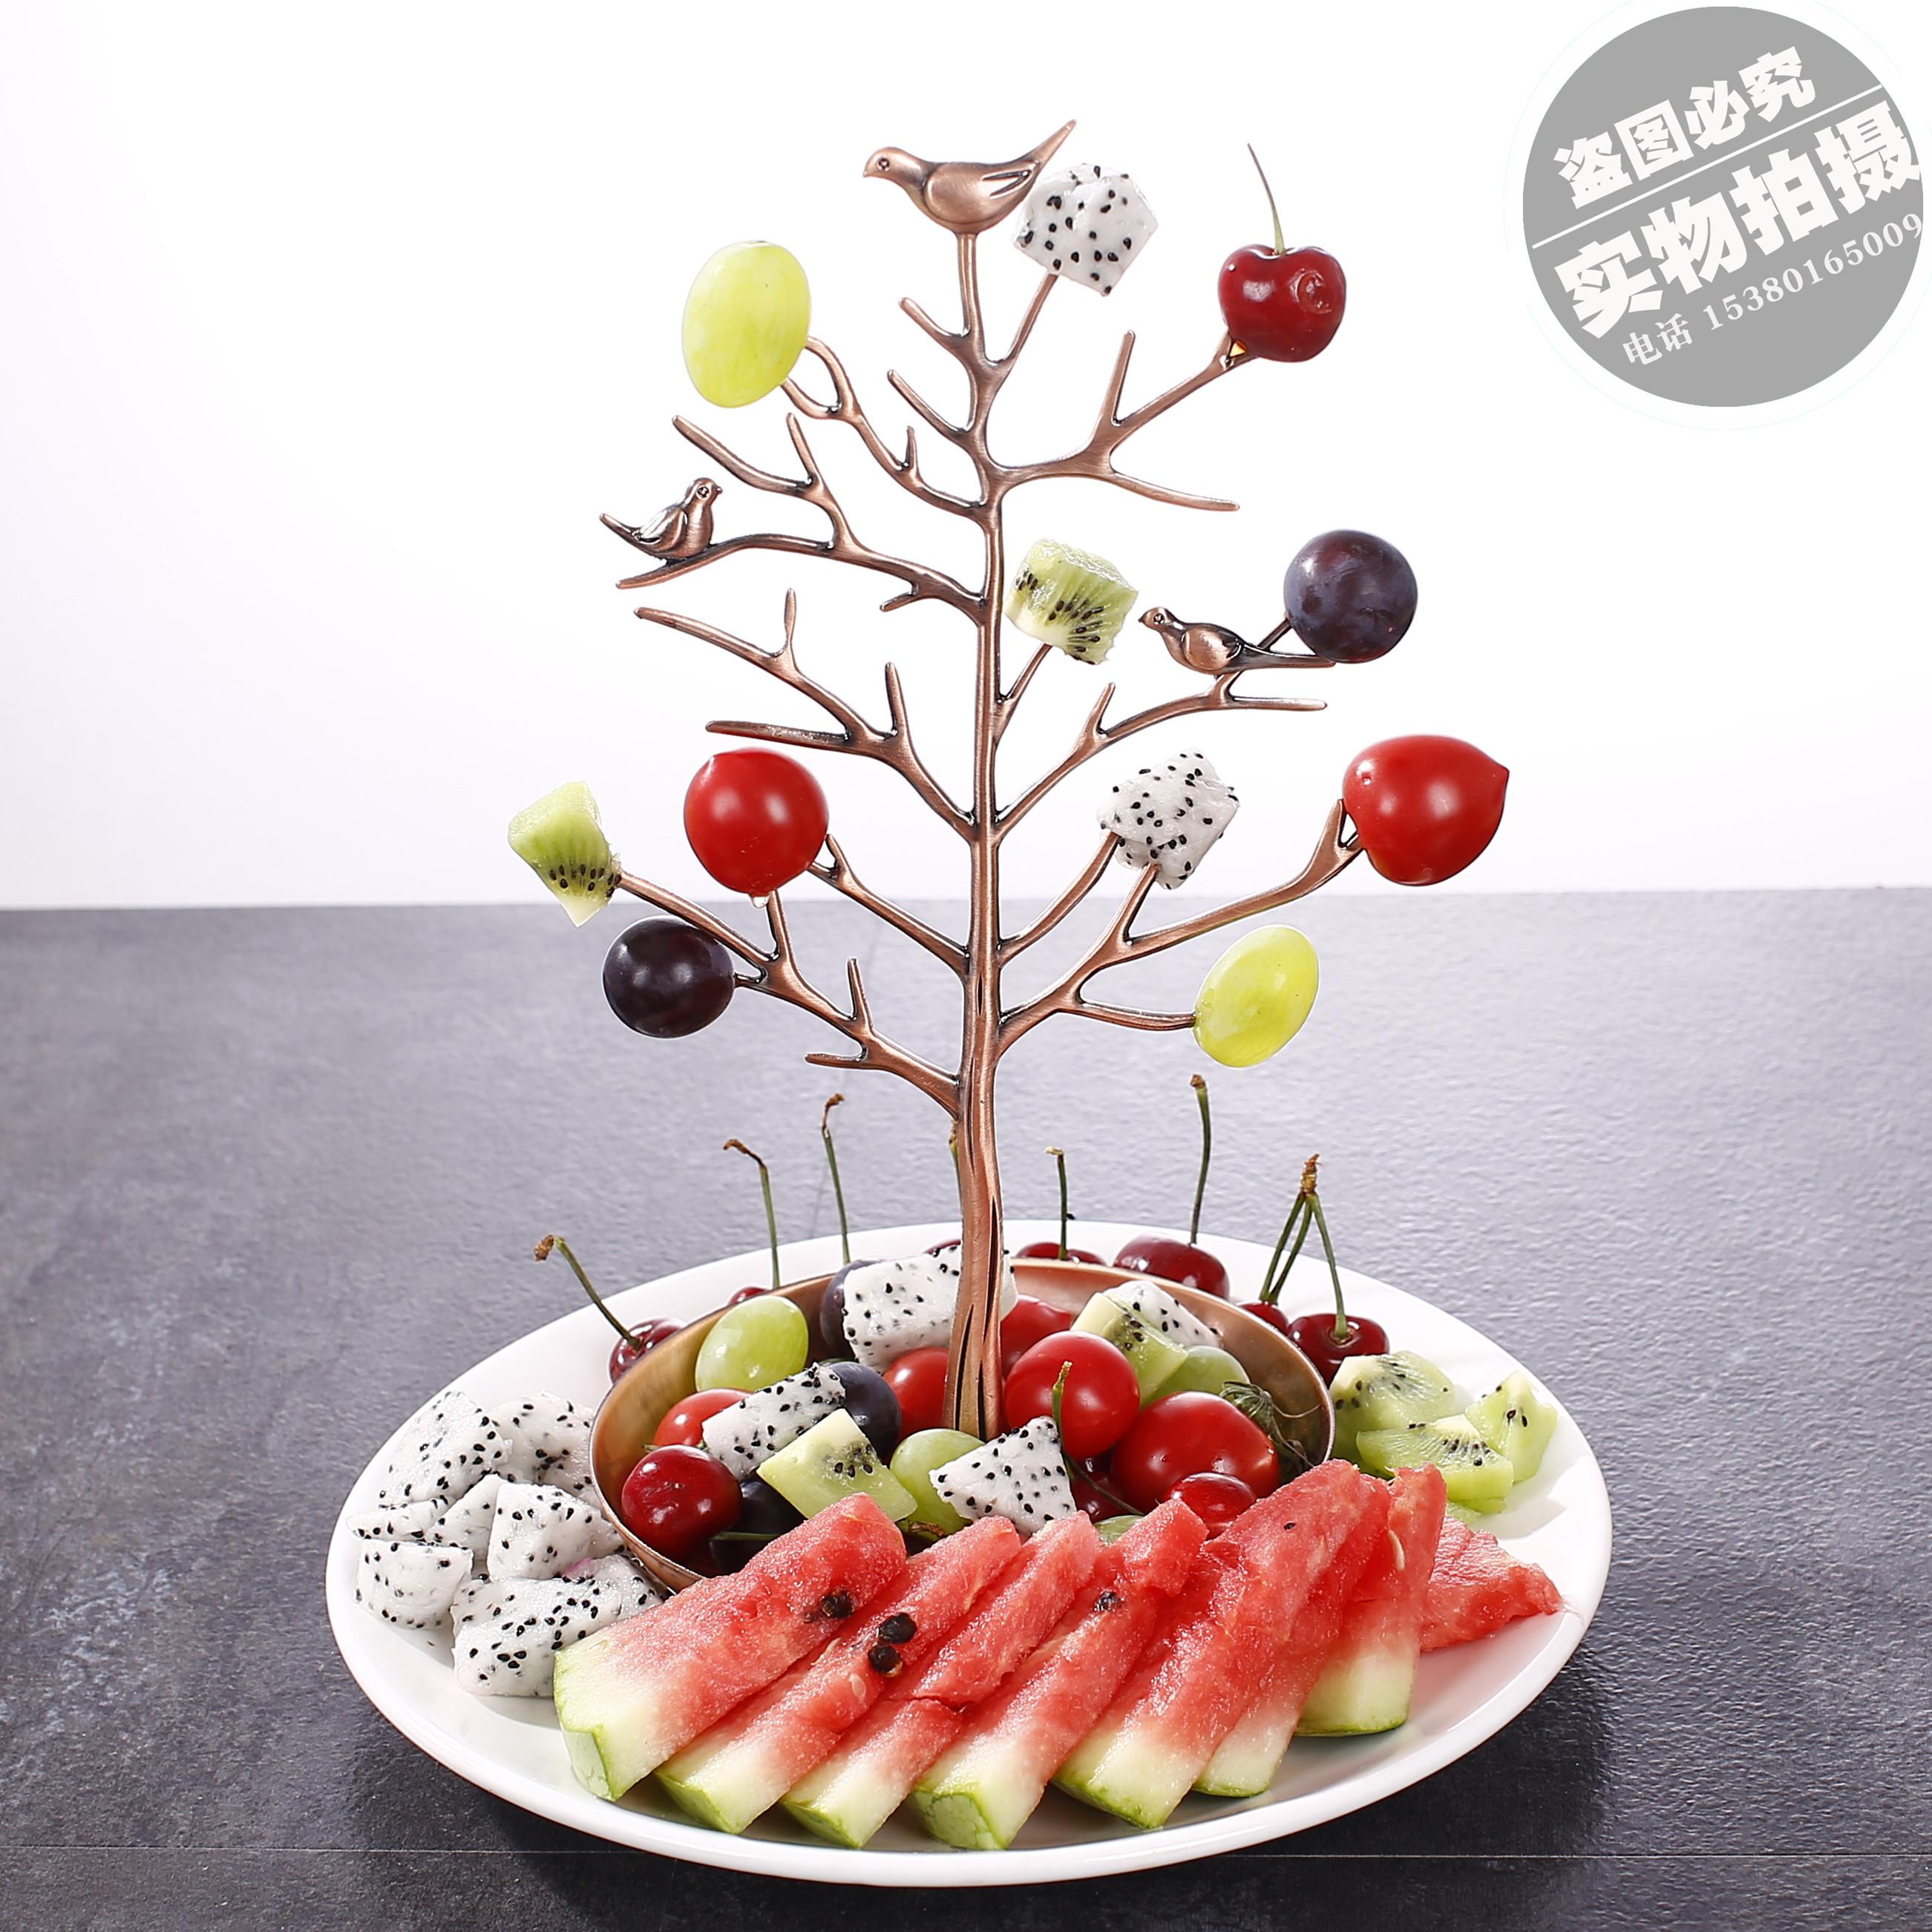 特色个性餐具酒吧用品ktv餐厅金属碟子创意水果树果盘拼盘架包邮